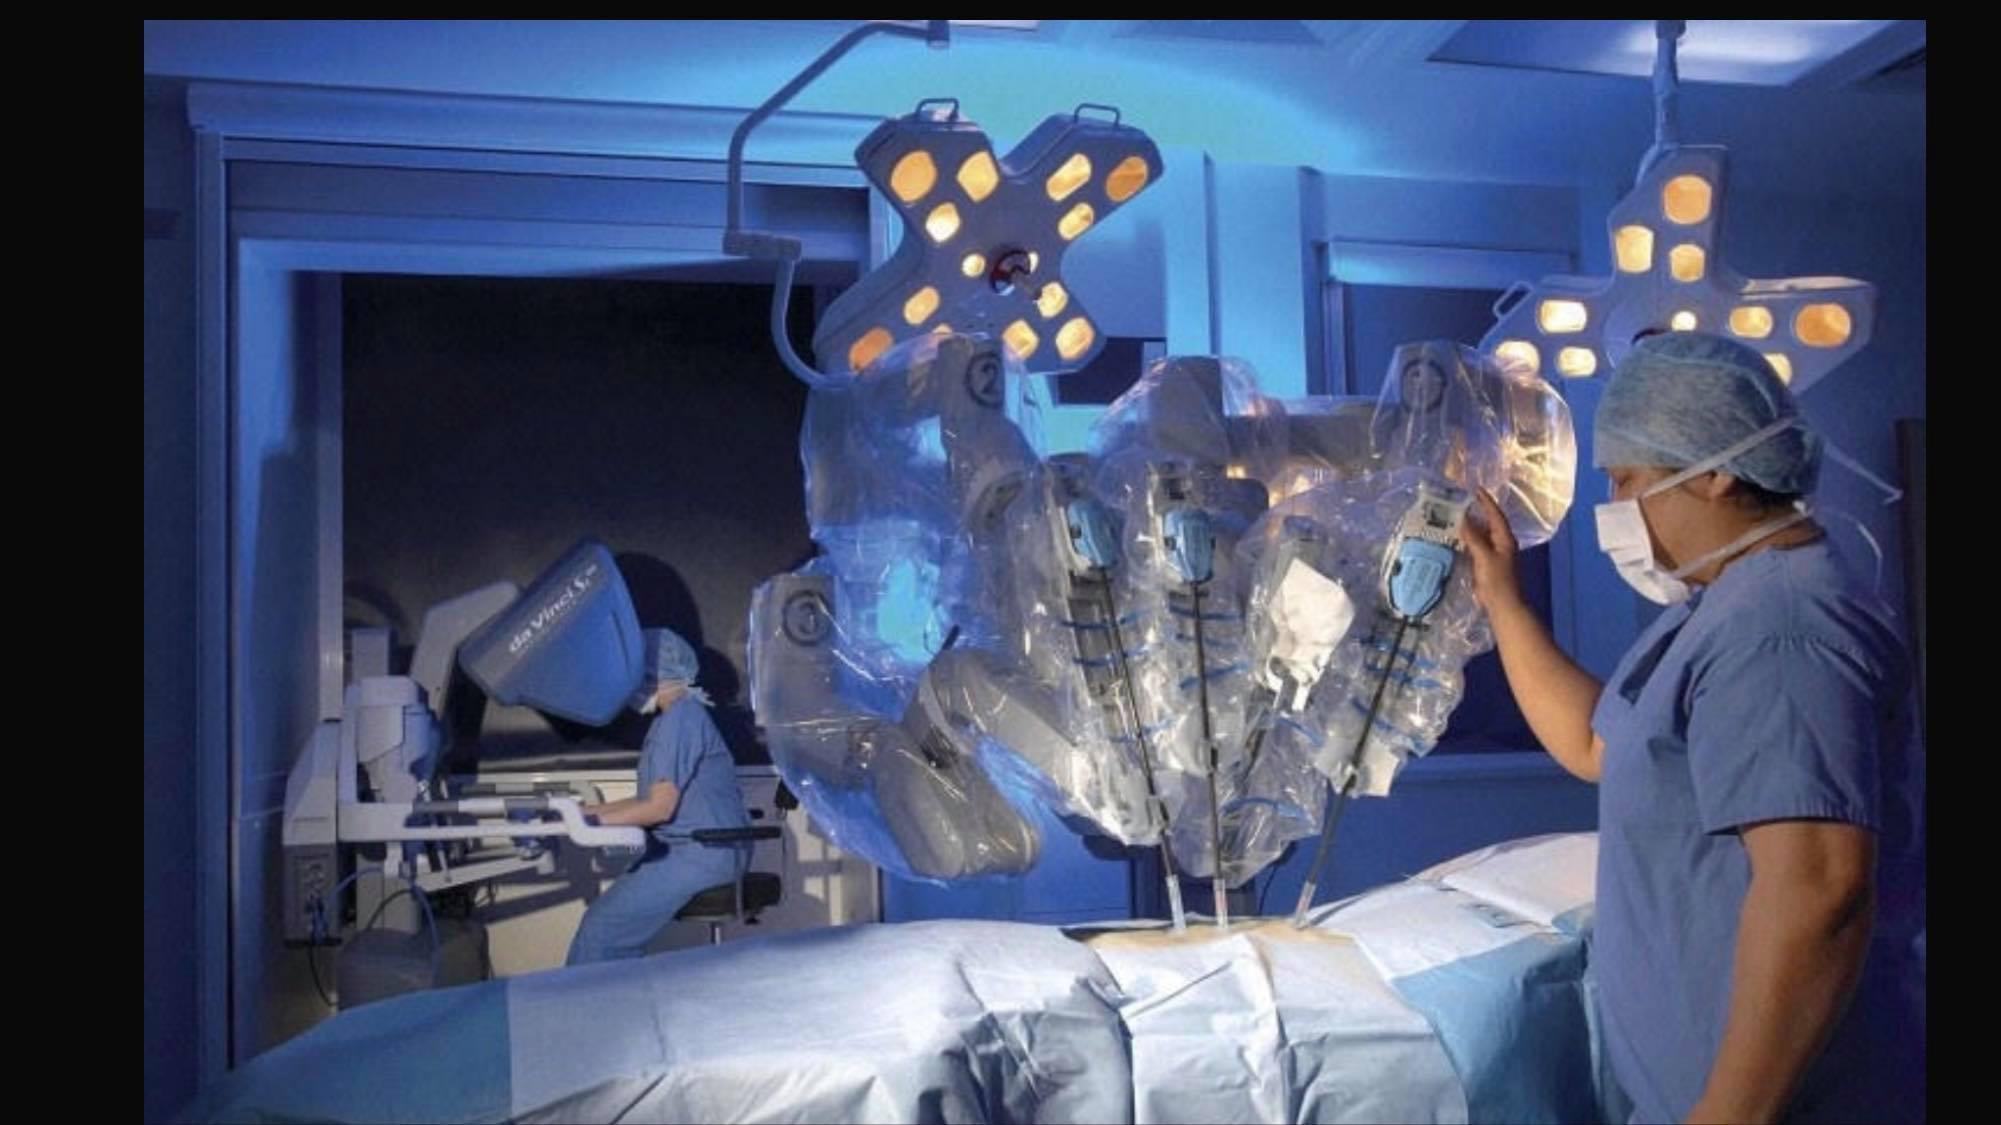 Ρομποτική Χειρουργική Κήλης Ρομποτική Χειρουργική Κήλης 24321731 10155471154123462 620454128 o